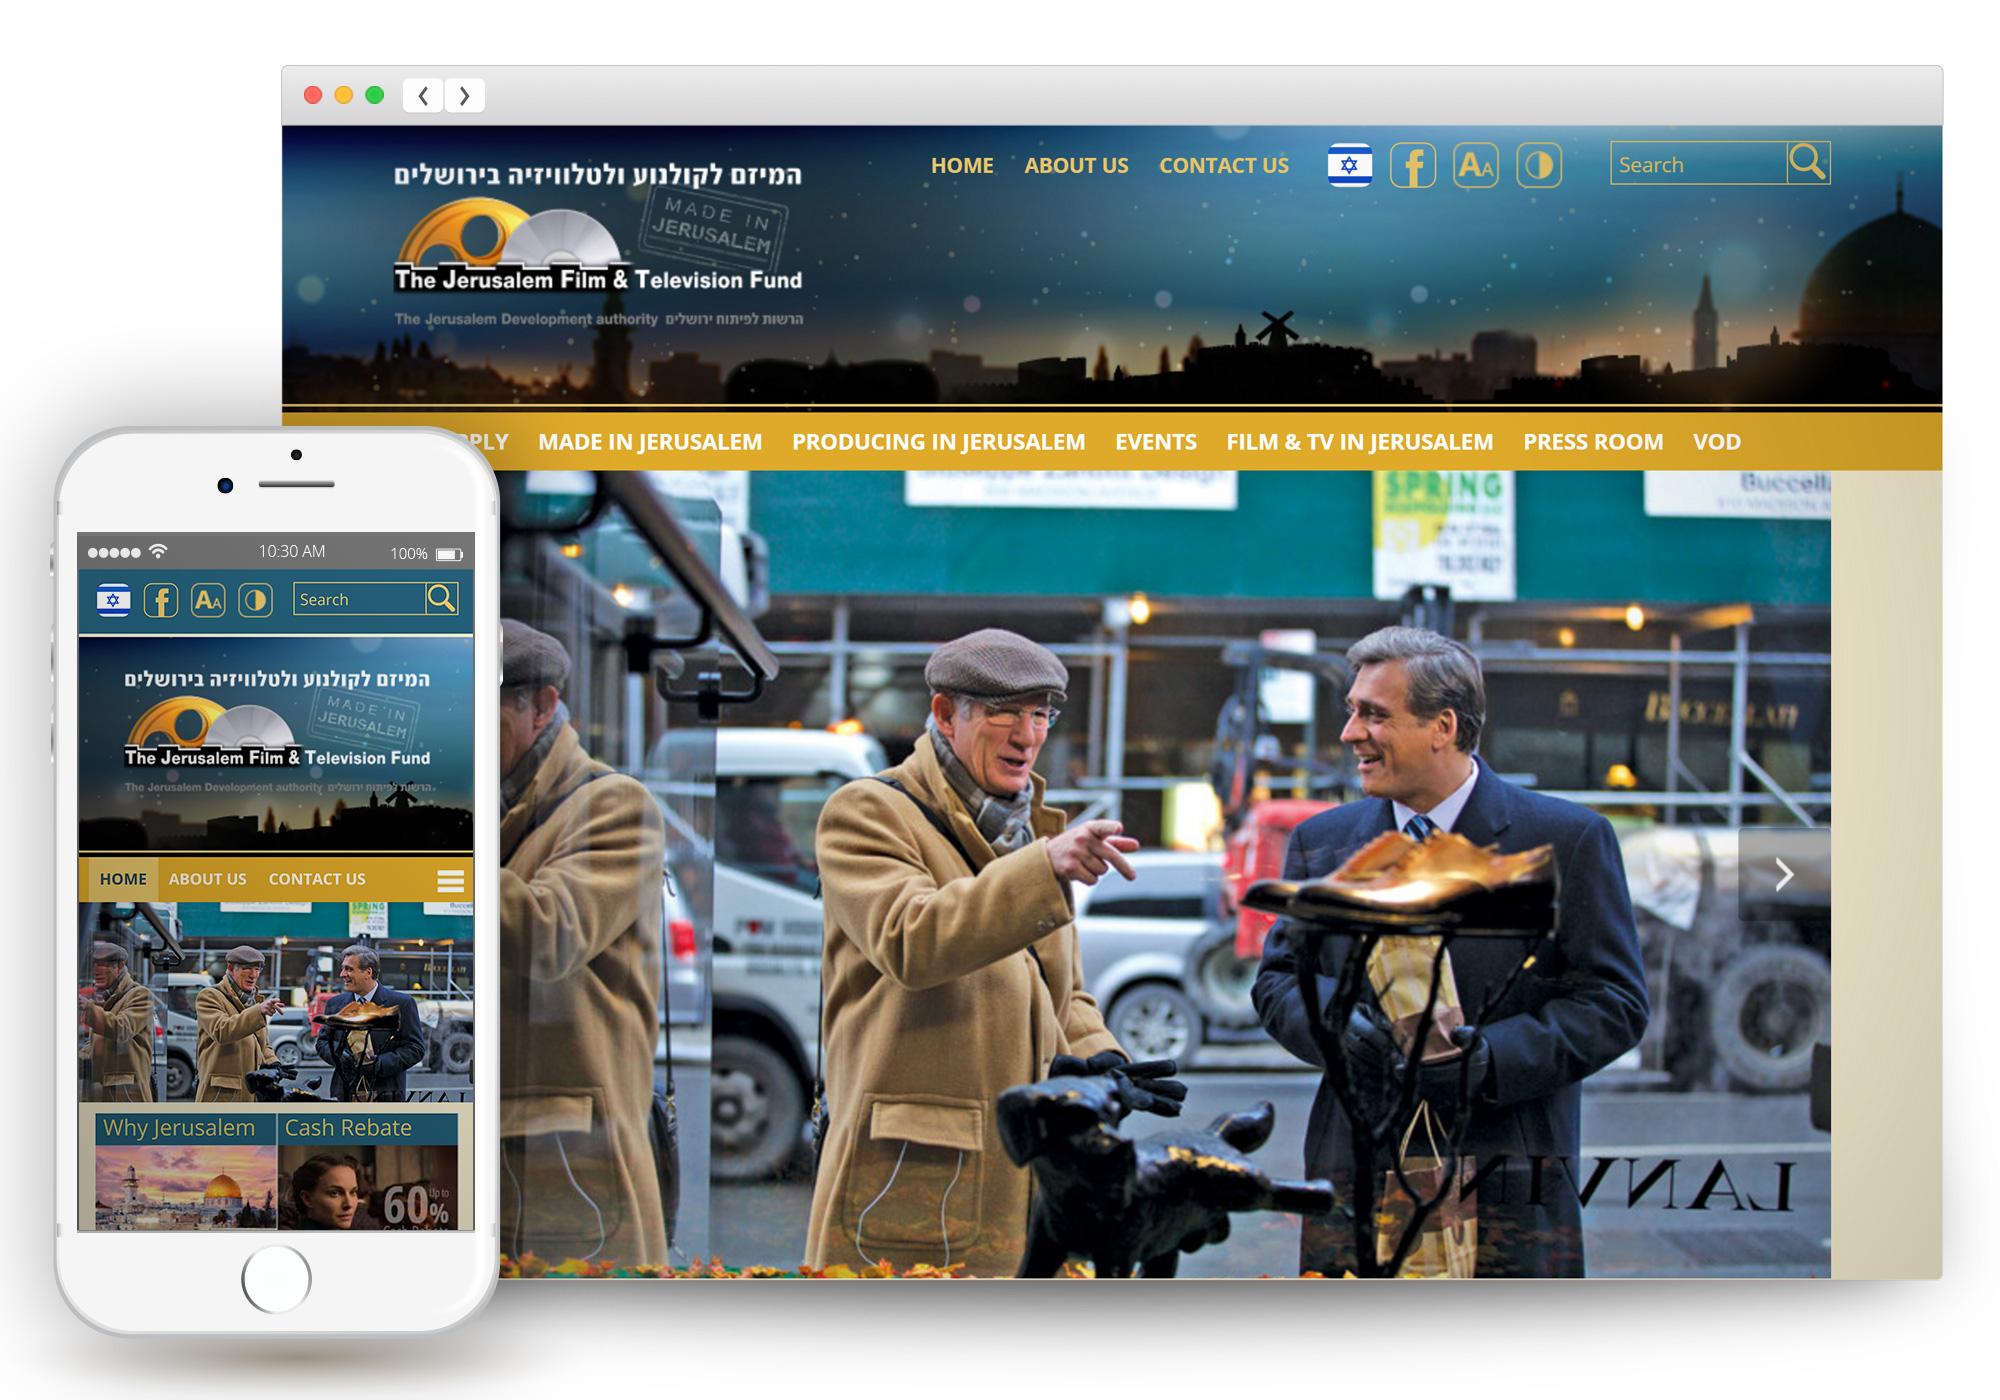 עיצוב ובניית אתר - המיזם לקולנוע בירושלים